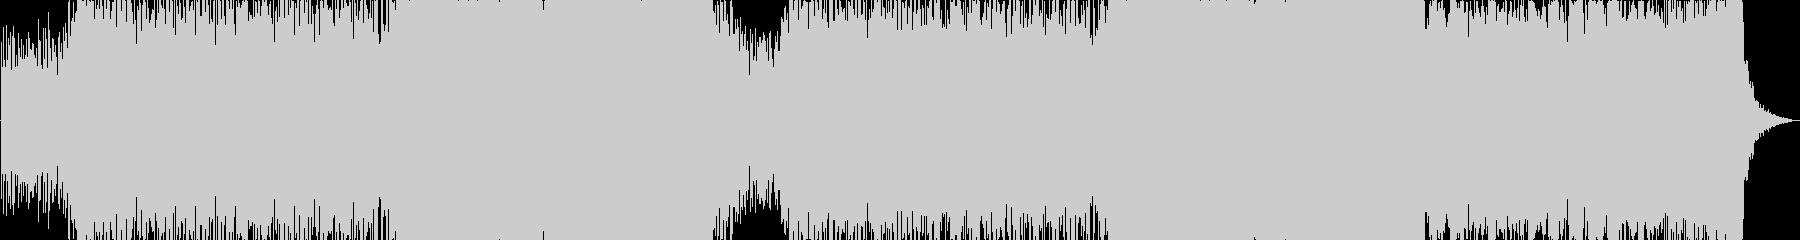 VP/ドラマティック/透明感のあるBGMの未再生の波形